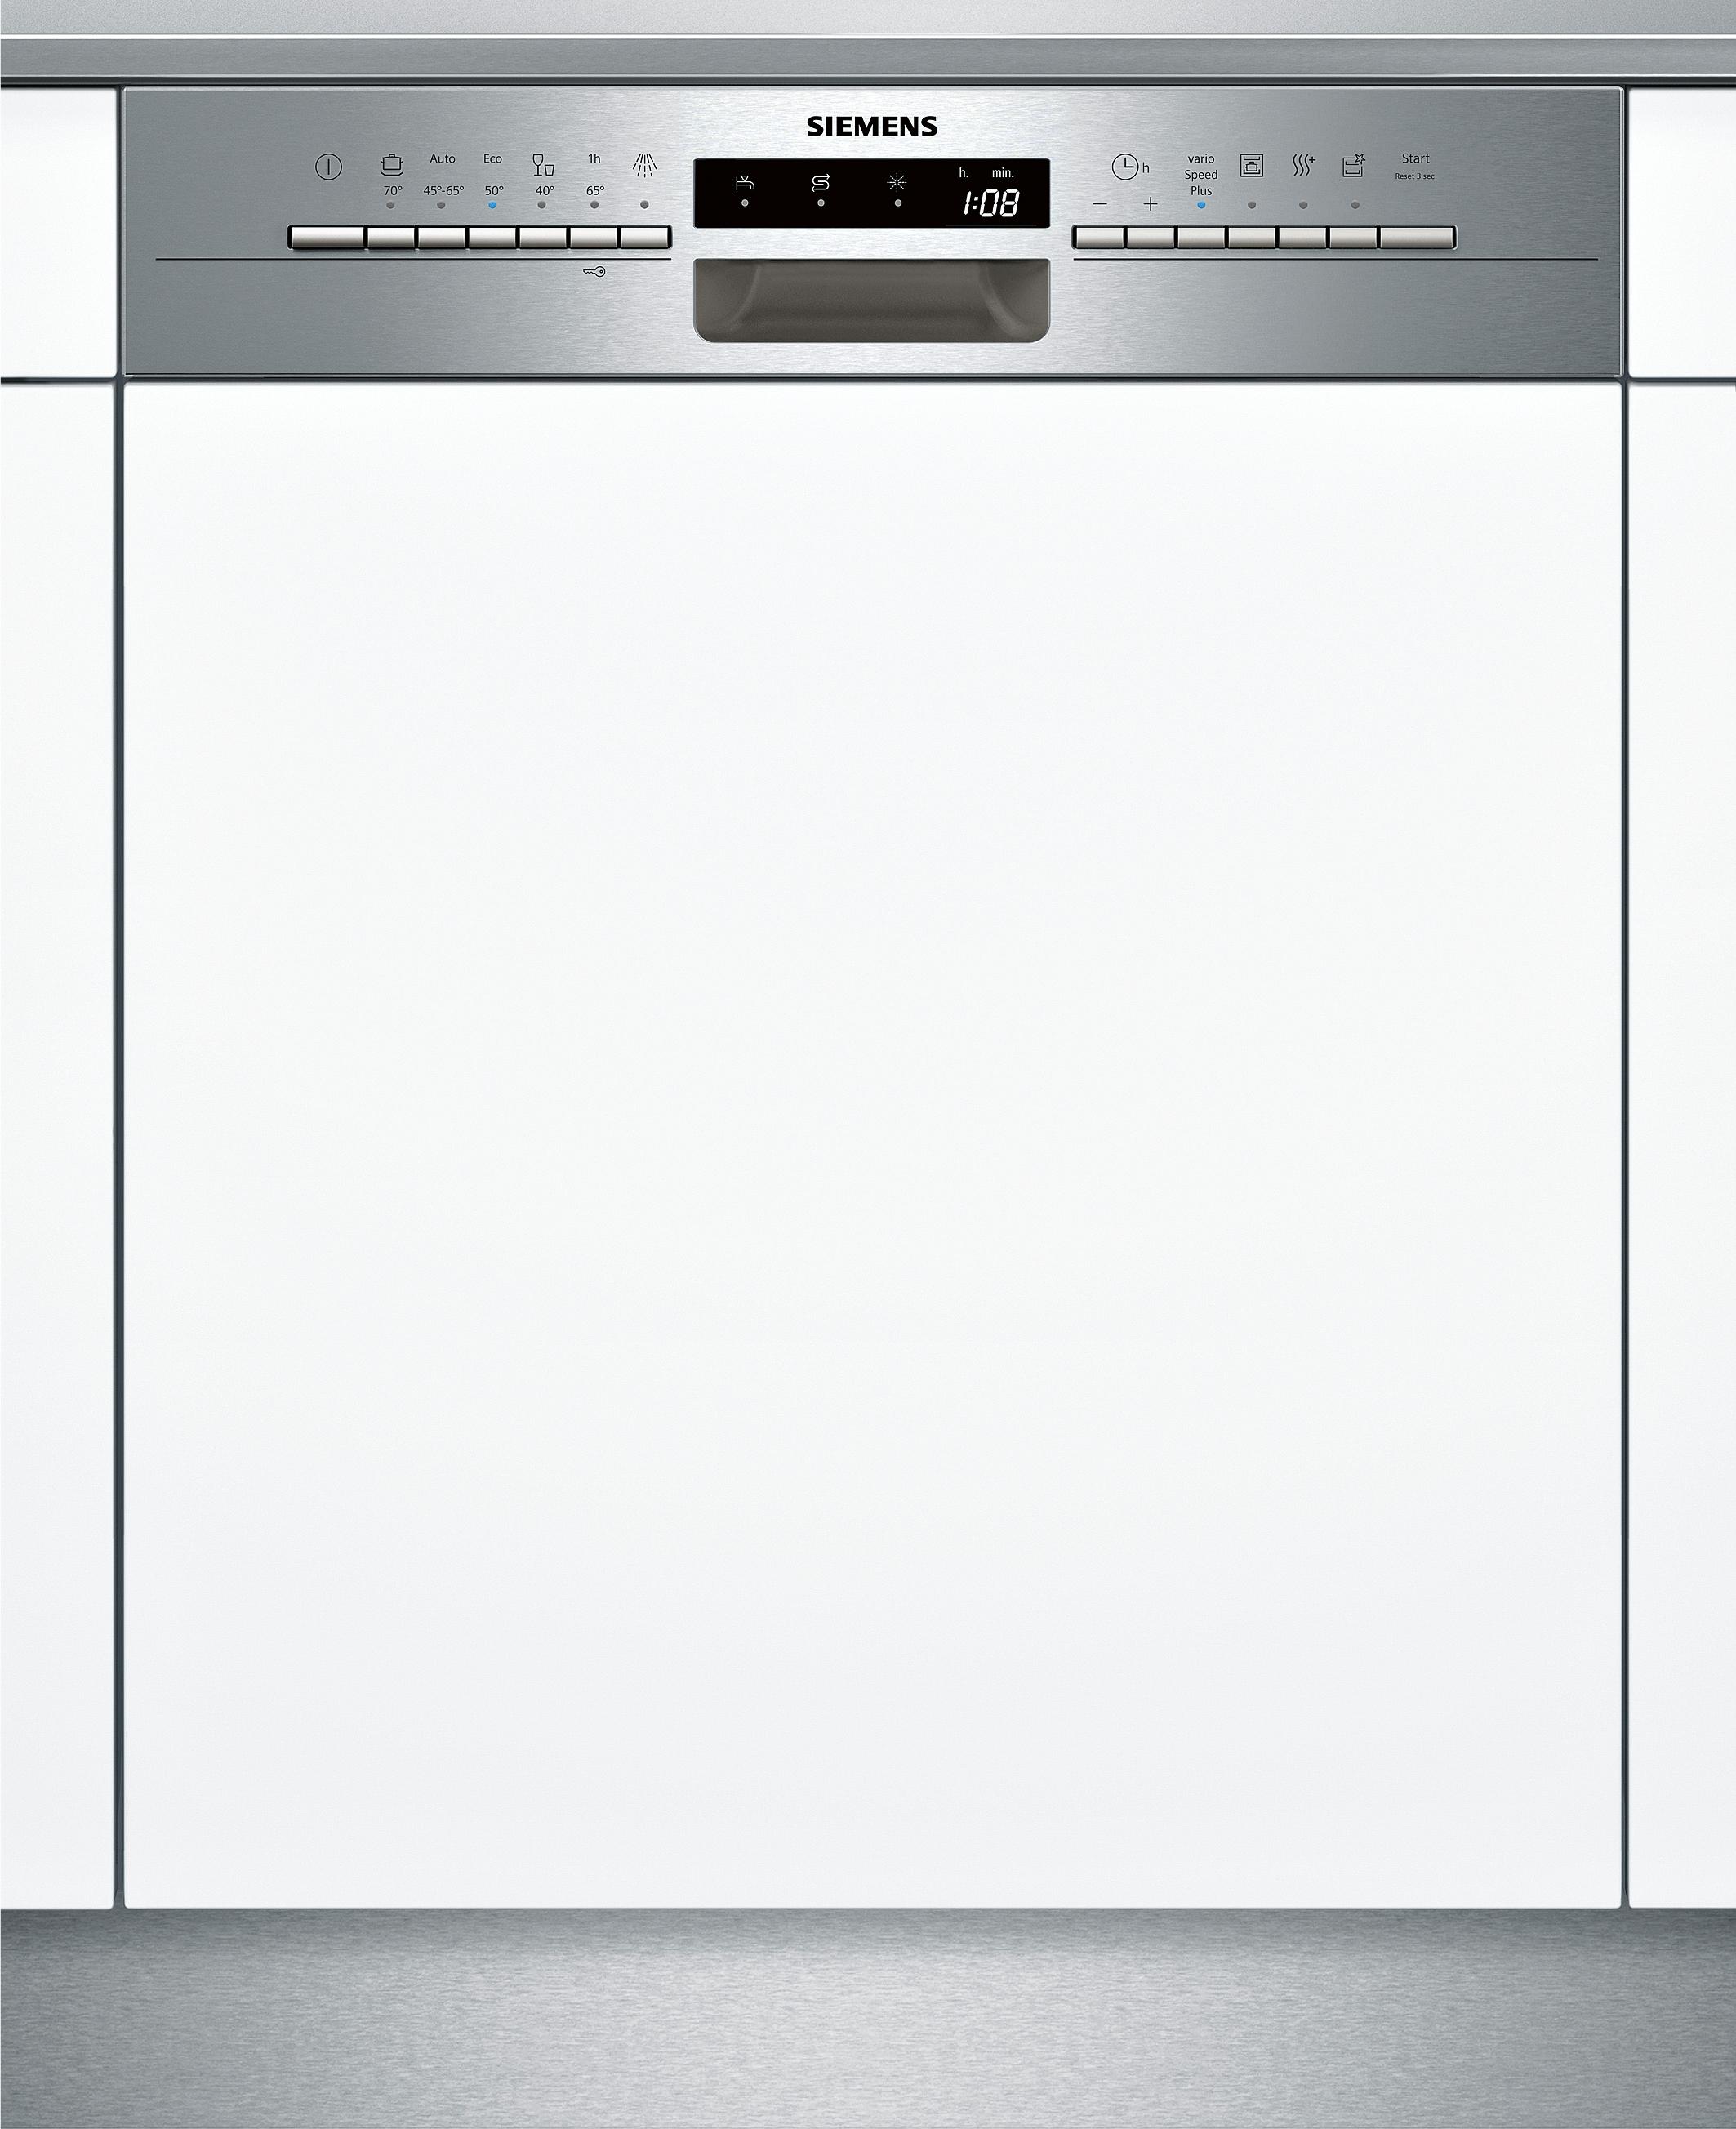 geschirrsp ler sn536s01ke integrierbar edelstahl geschirrsp ler 60 cm. Black Bedroom Furniture Sets. Home Design Ideas